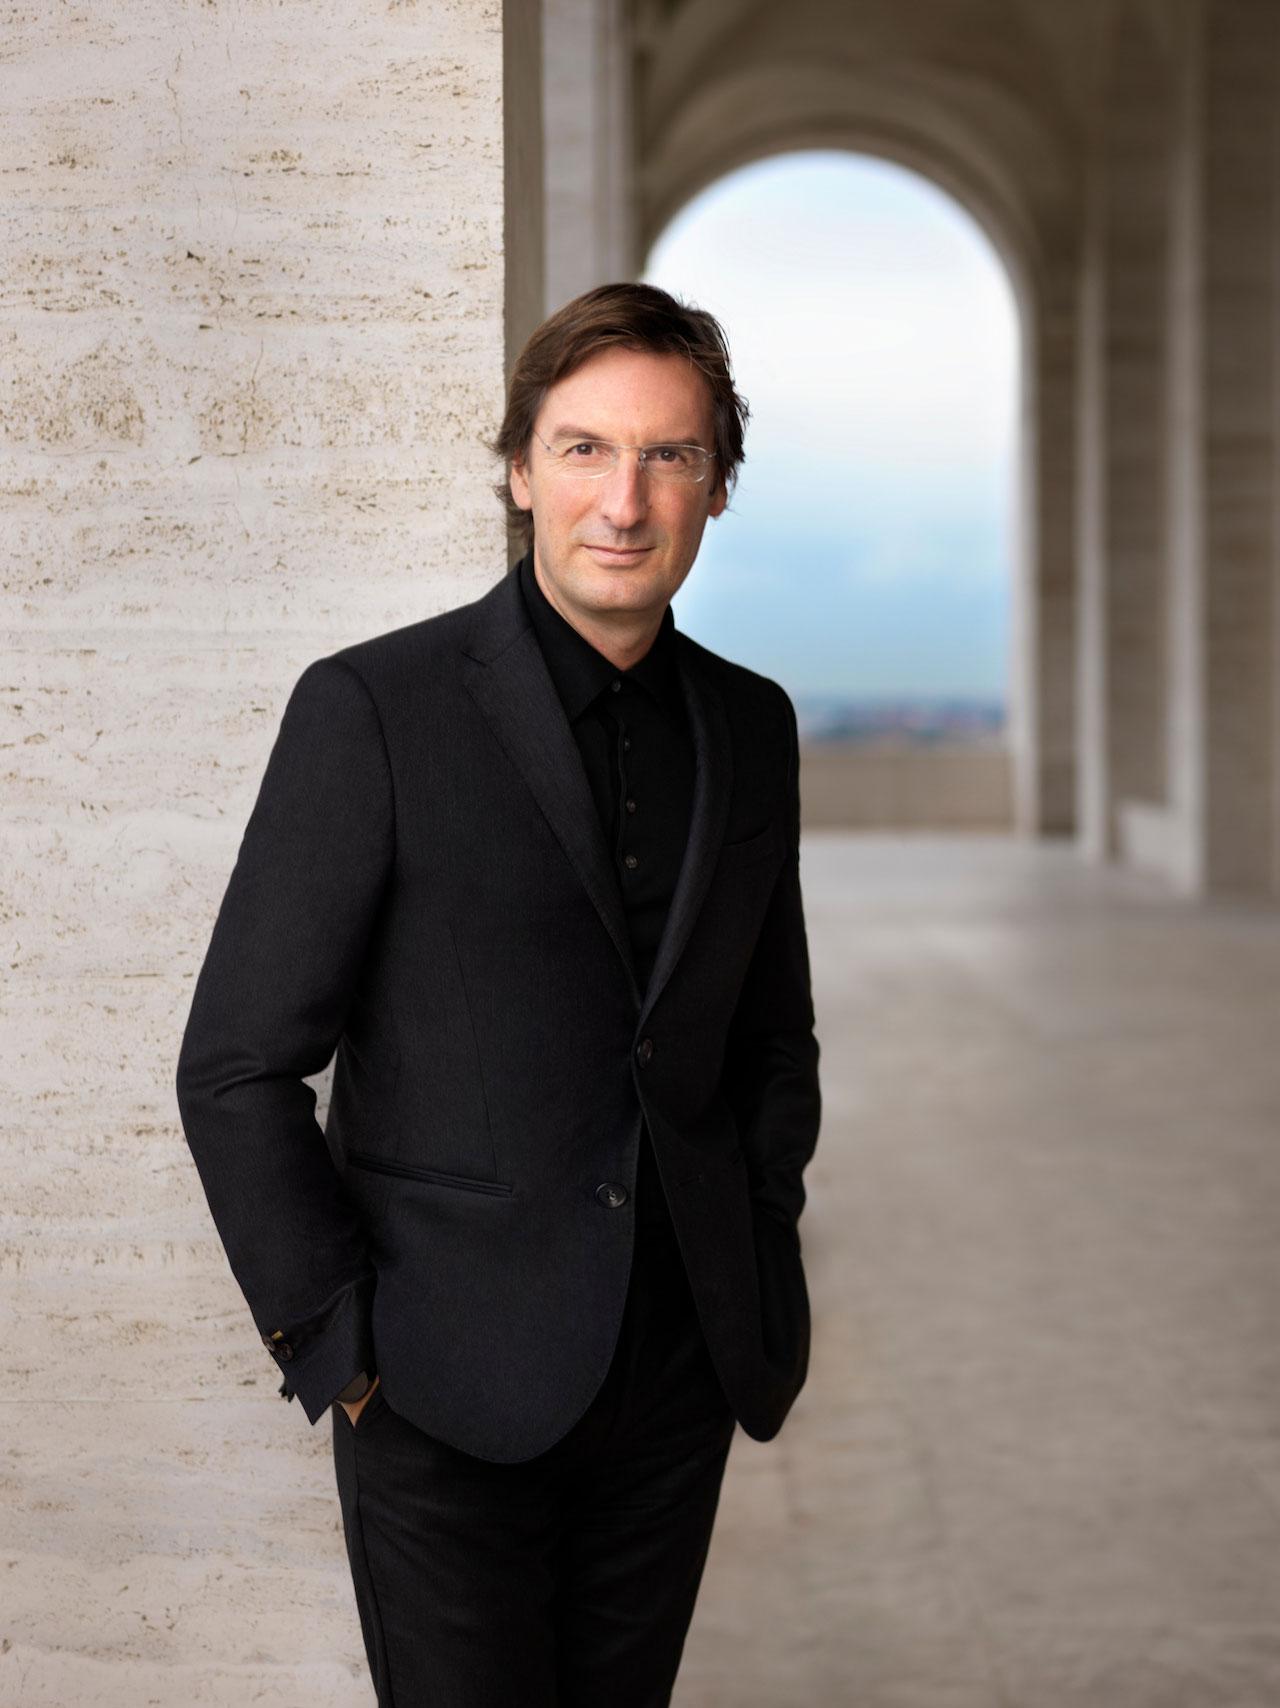 Fendi's CEO Pietro Beccari